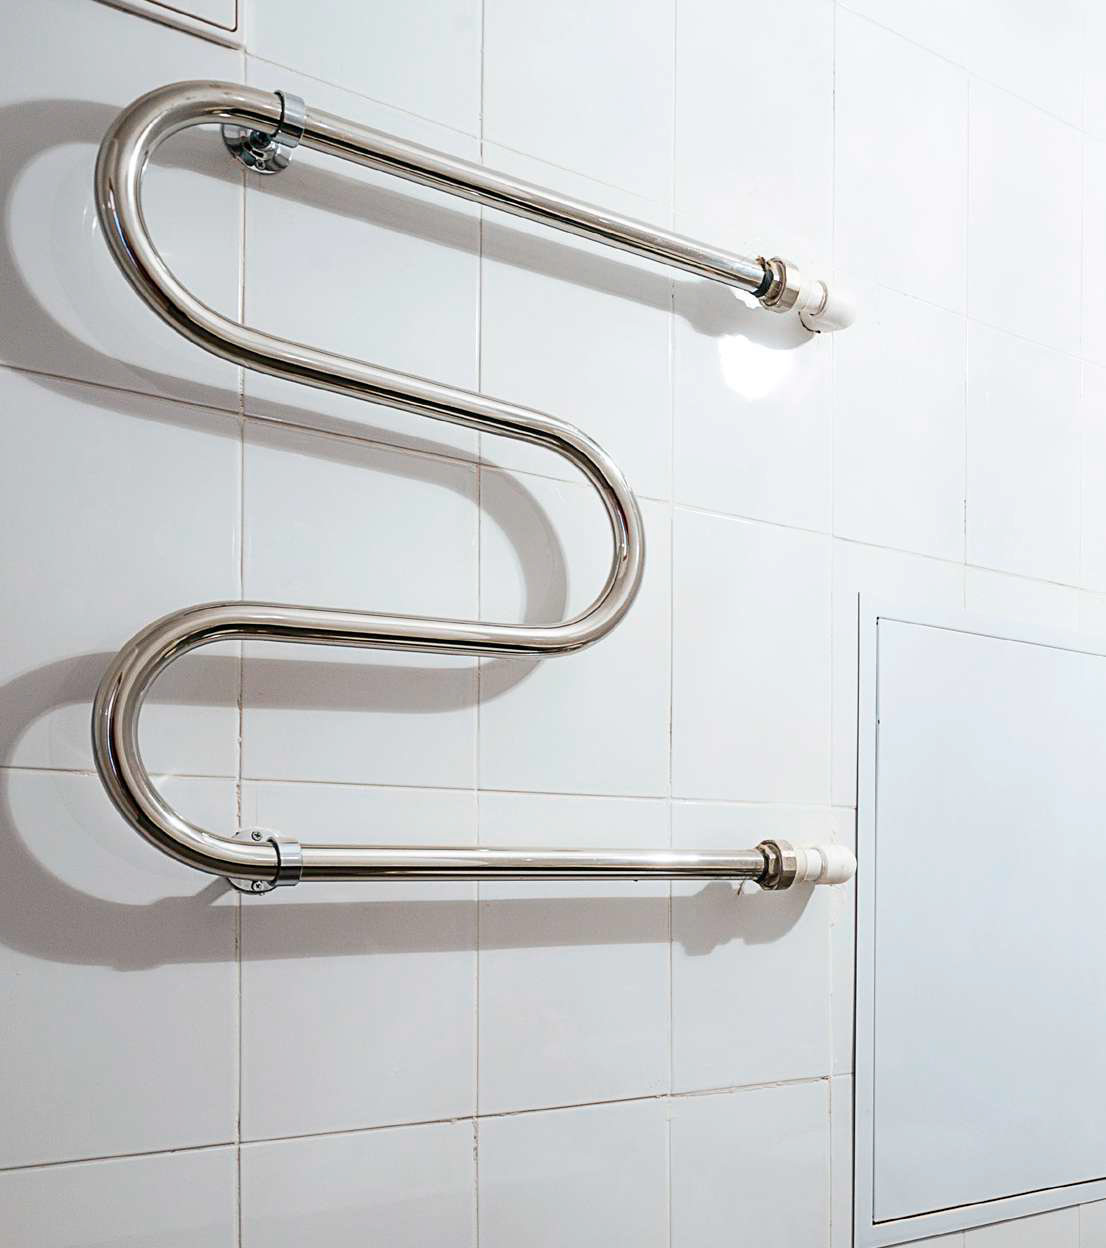 В ванной комнате предусмотрены хромированный полотенцесушитель иточка доступа кинженерным системам